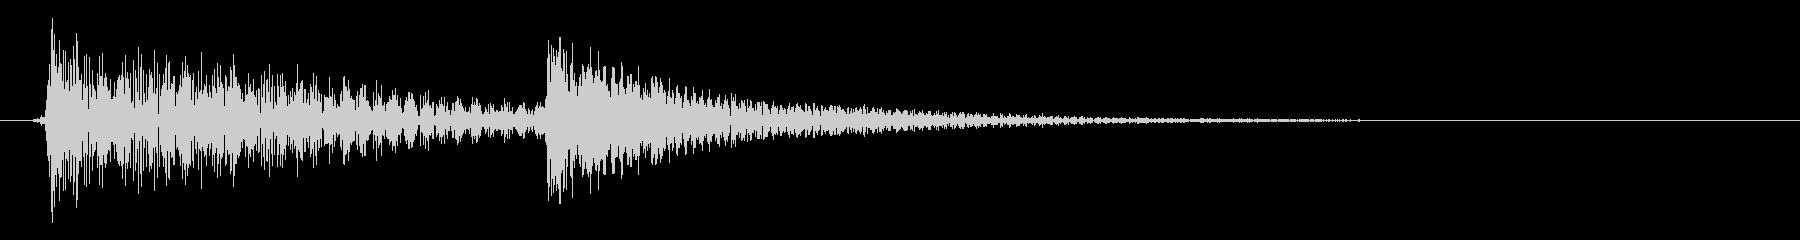 ポケ(滑稽さを助長する金属的な効果音)の未再生の波形